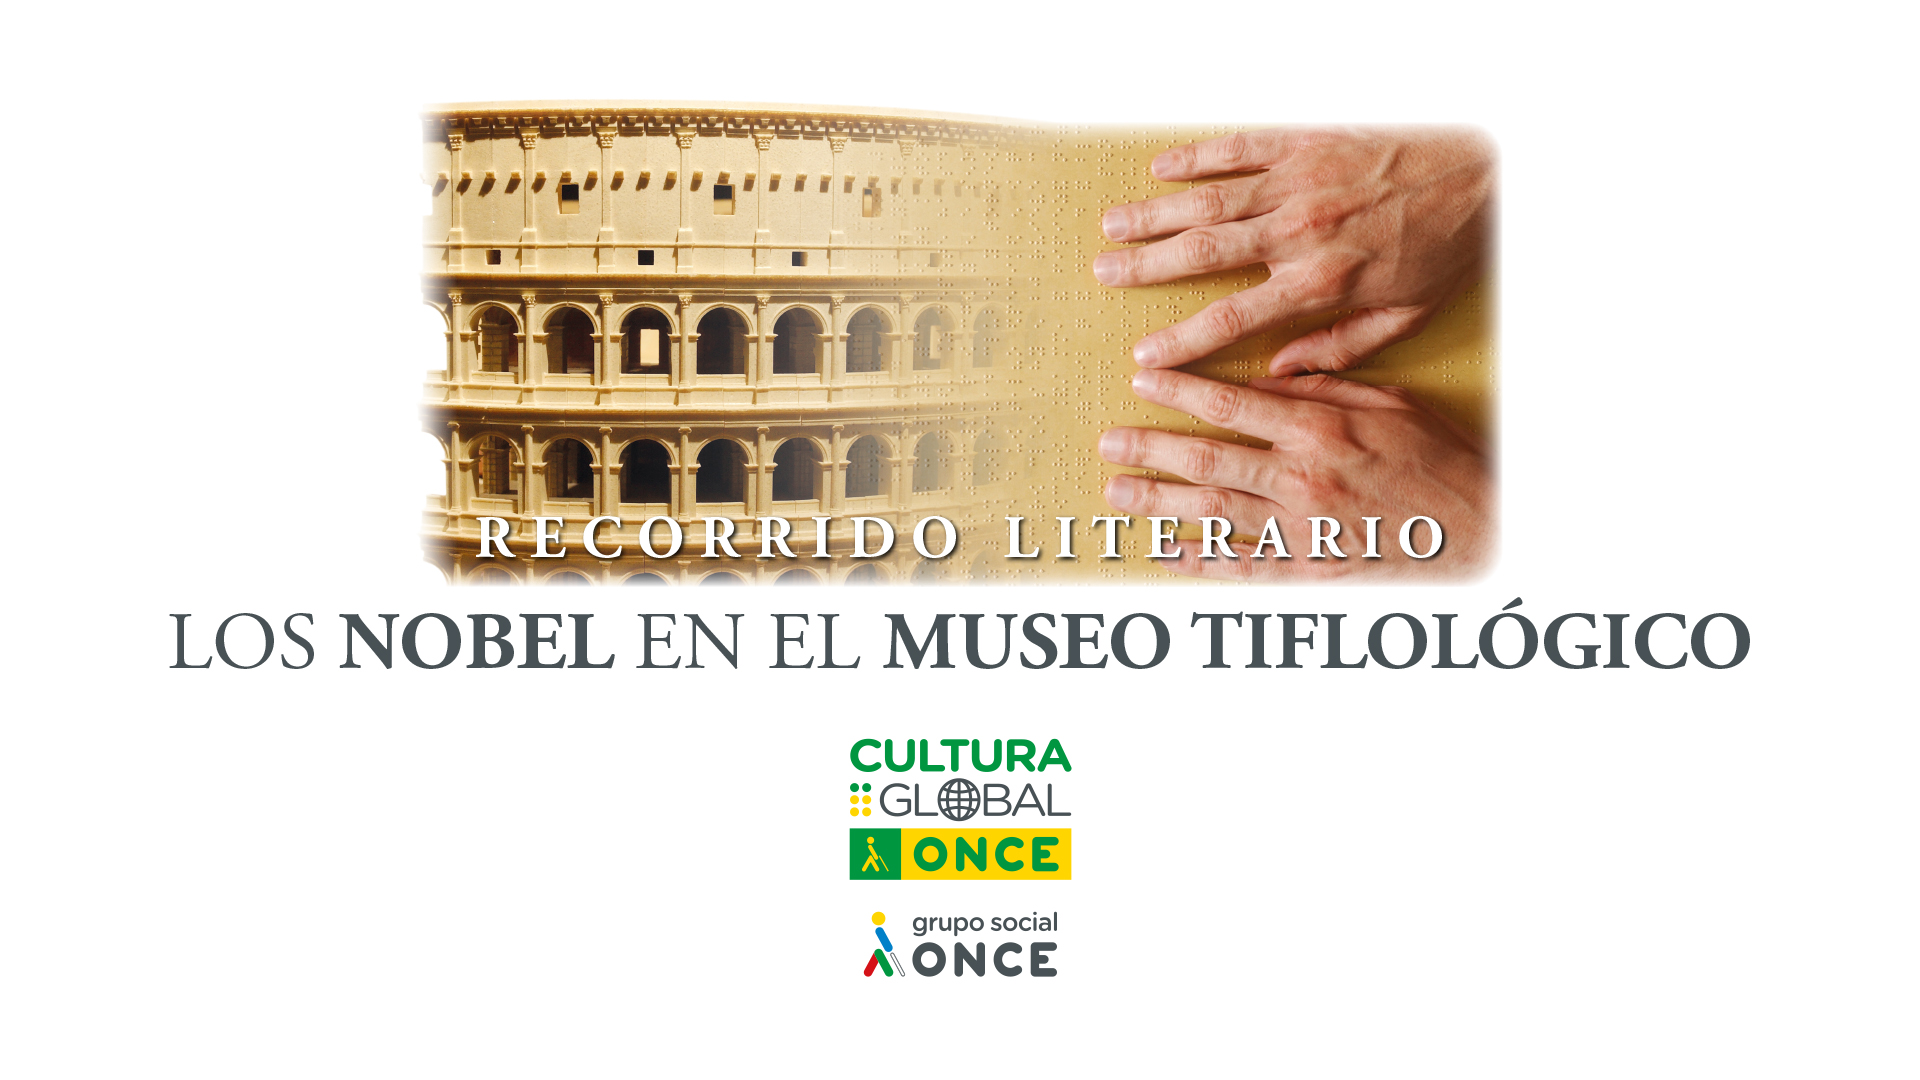 lOS NOBEL EN EL MUSEO TIFLOLOGICO